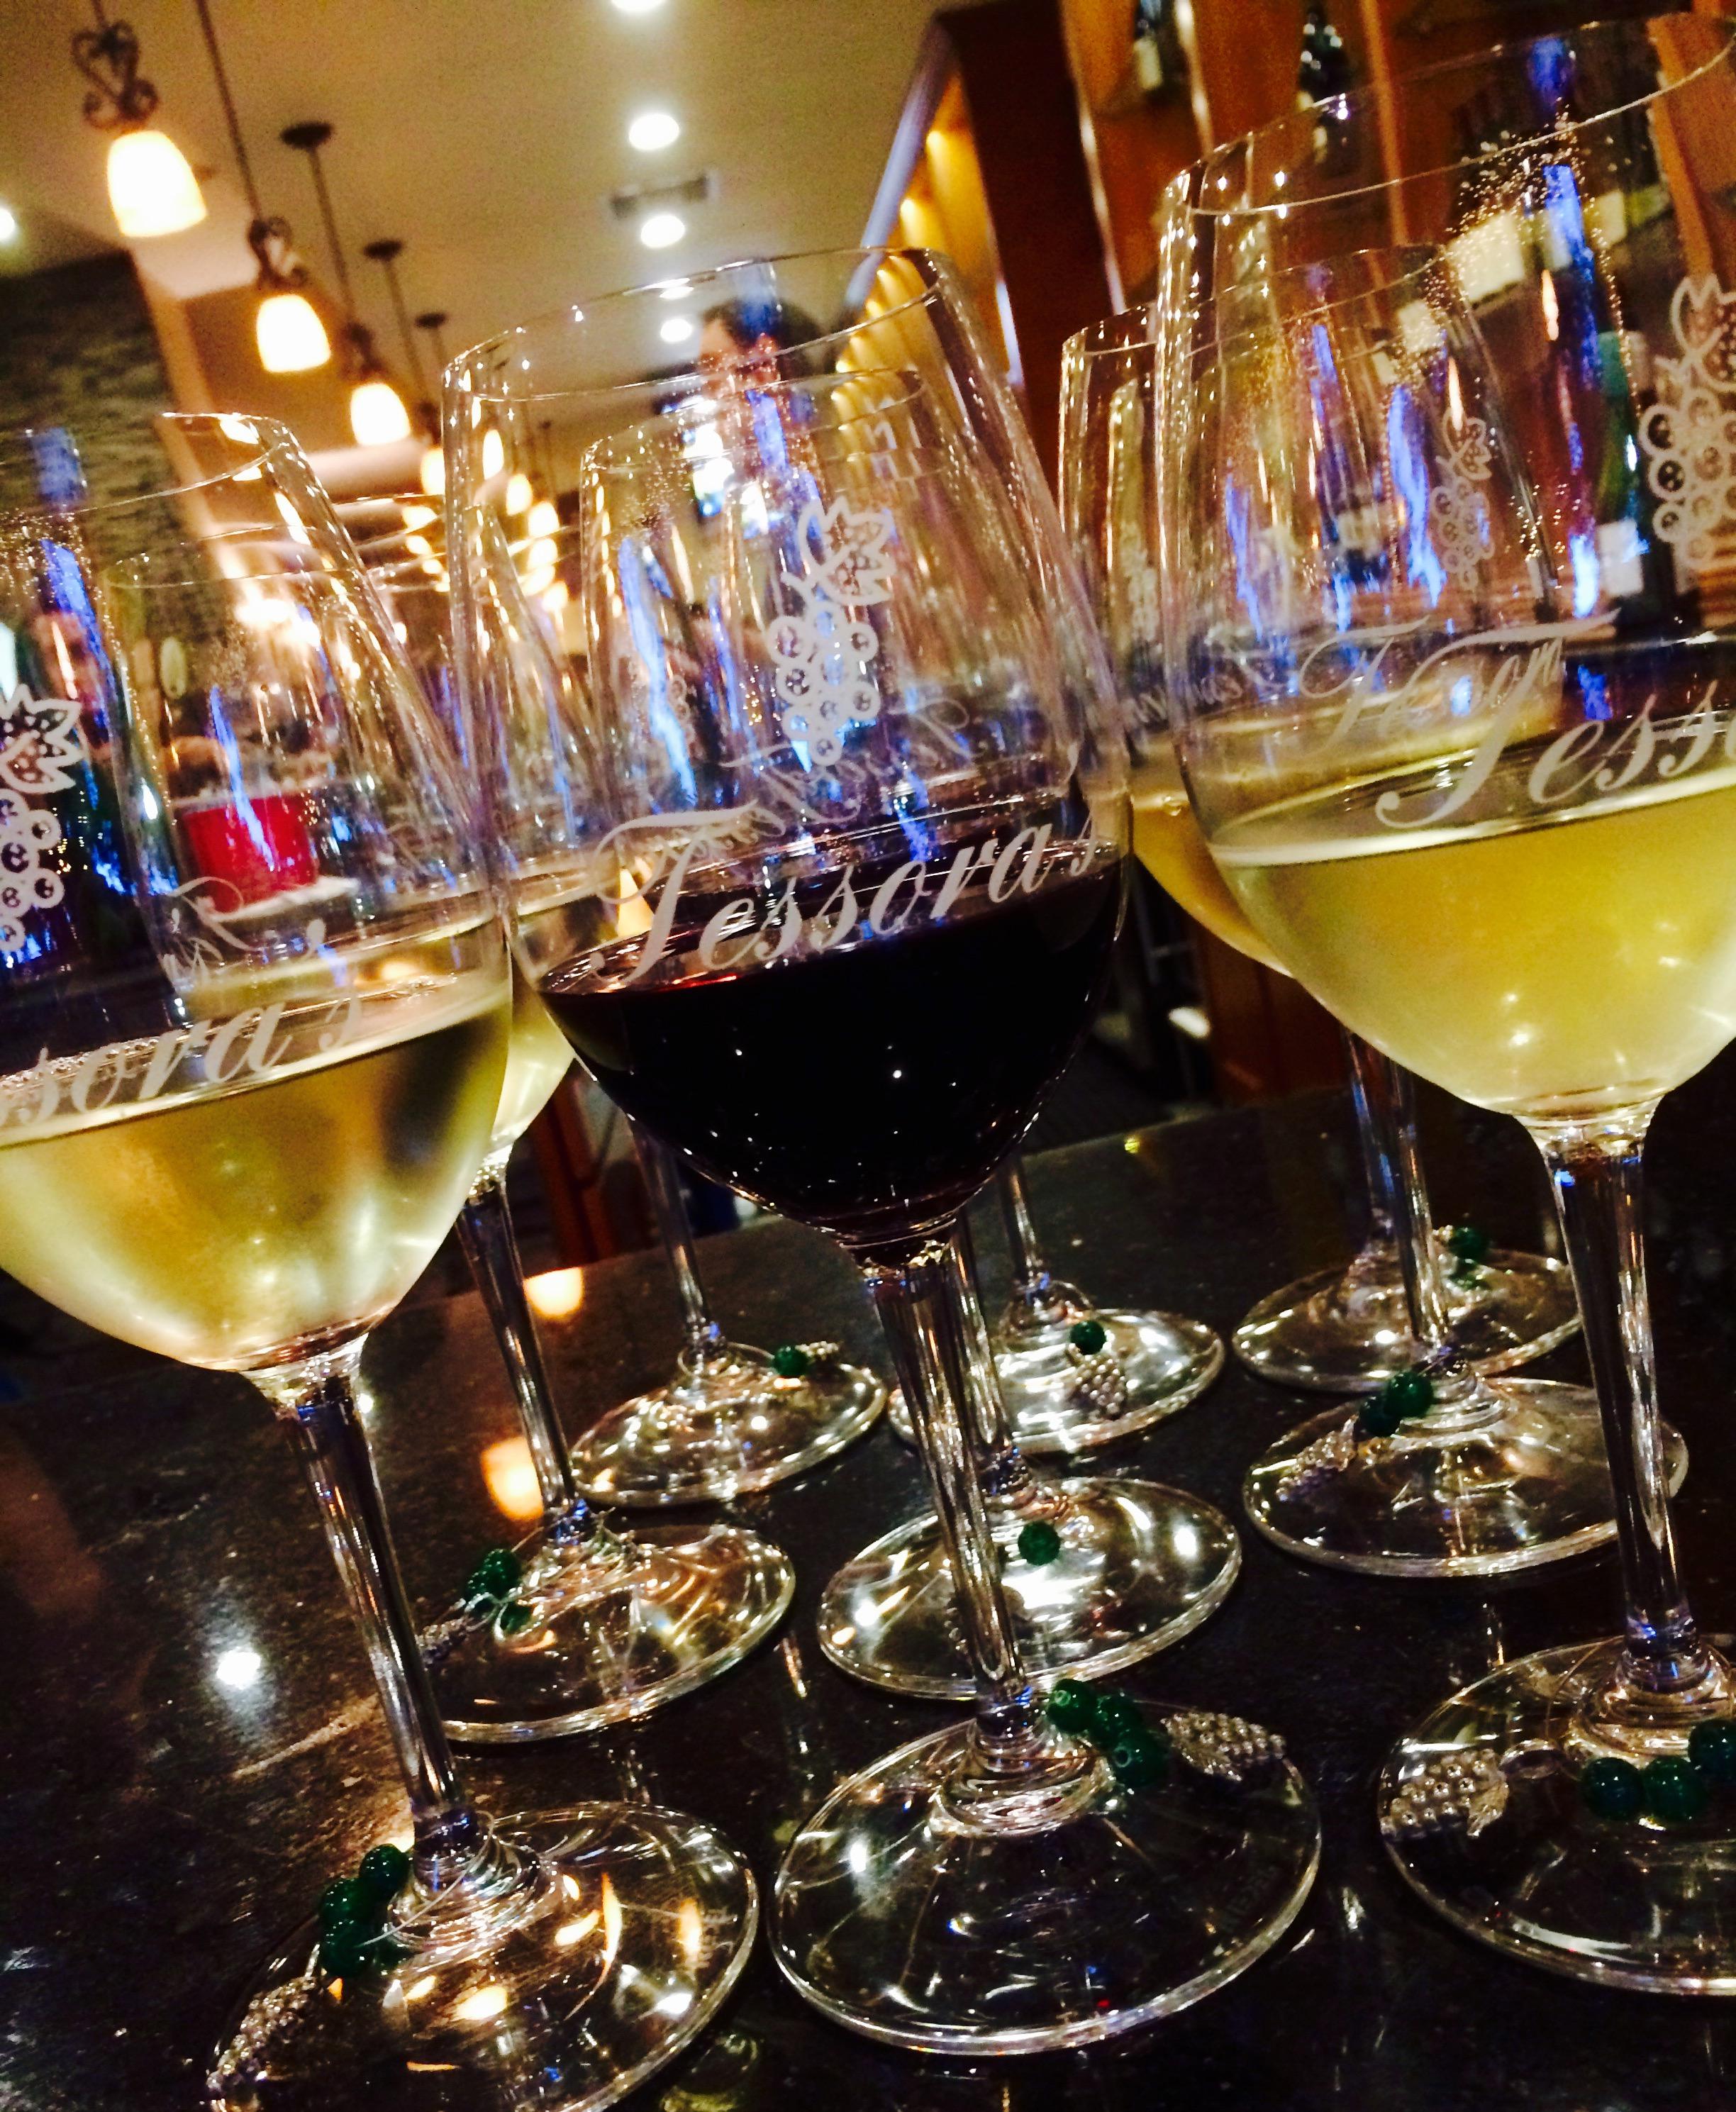 wine glass brochure